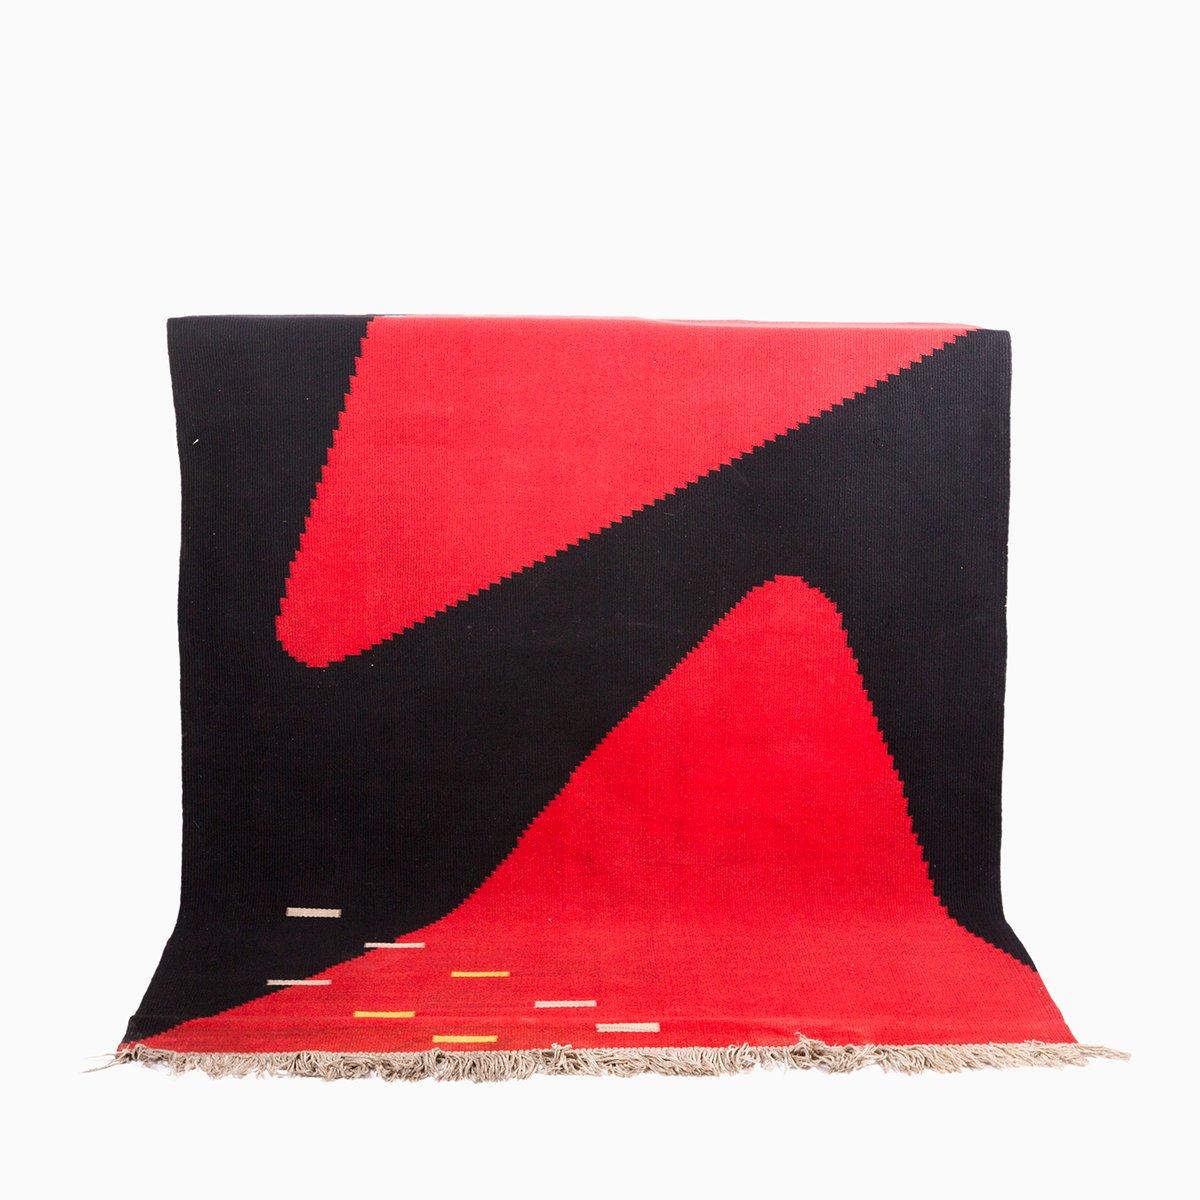 tapis vintage avec motif g om trique rouge et noir r publique tch que en vente sur pamono. Black Bedroom Furniture Sets. Home Design Ideas